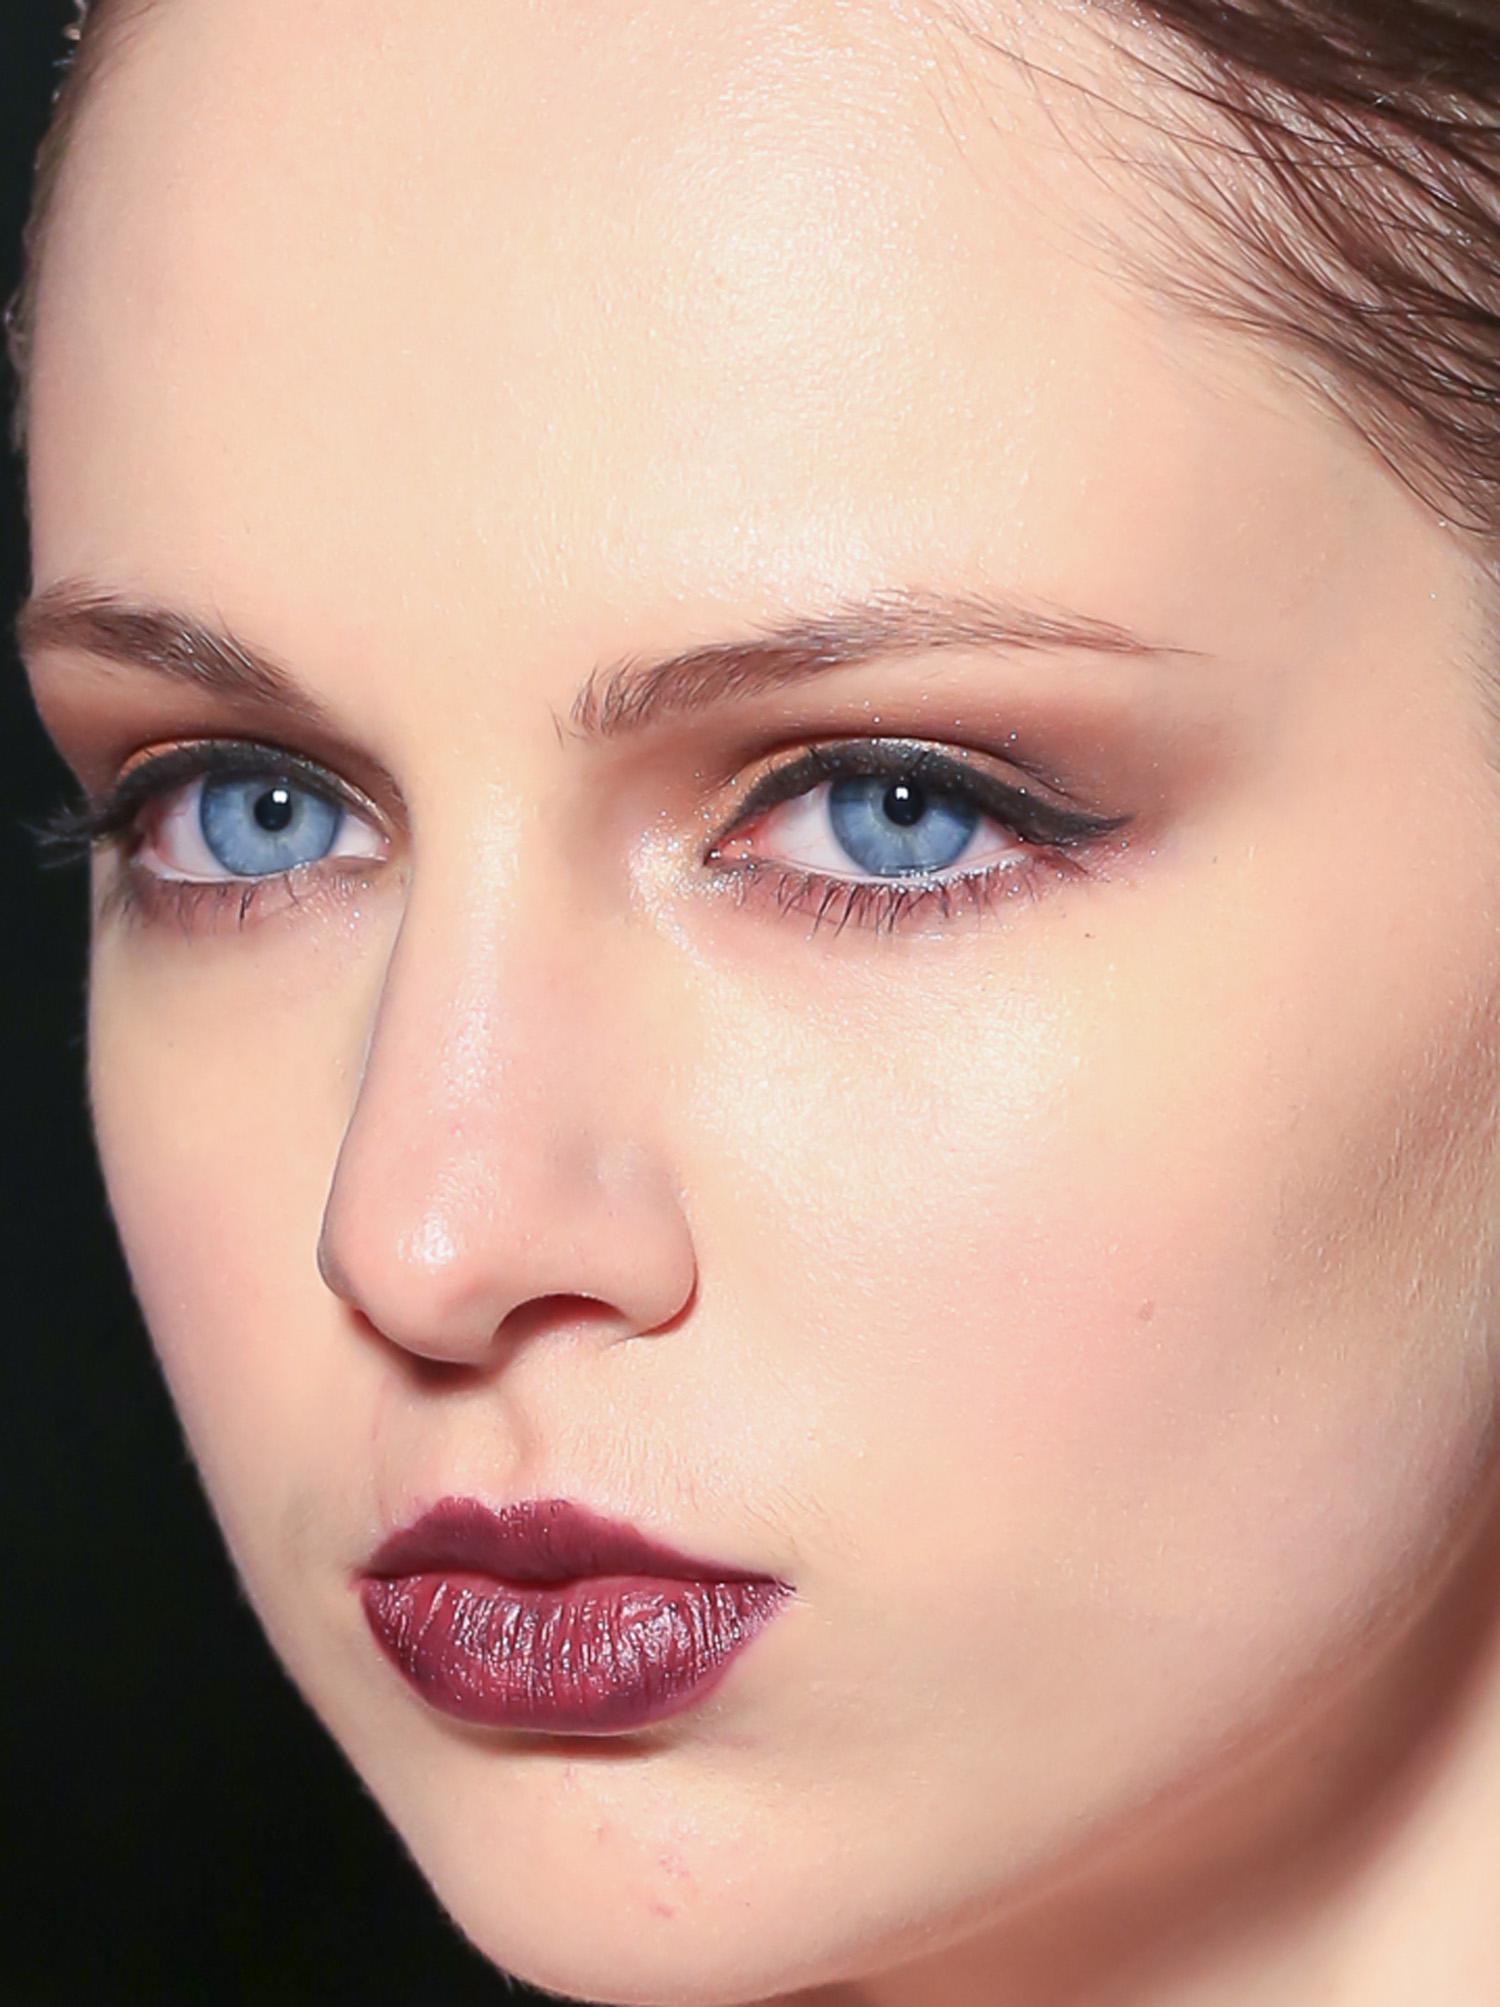 beauty_model_blue_eyes-1.jpg